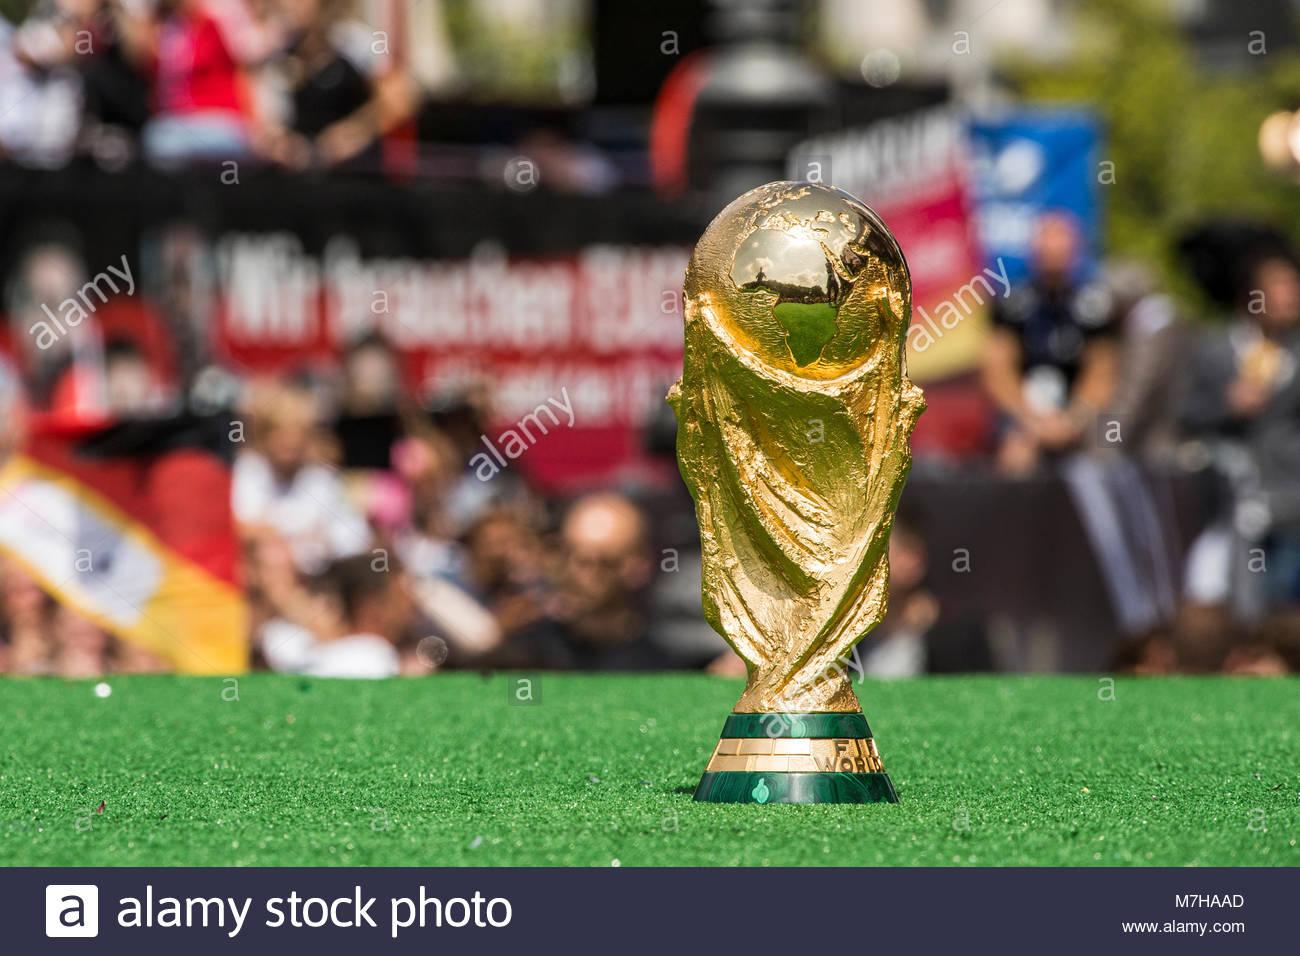 15.07.2014, der FIFA-WM-Pokal, der Deutschen Fußball-Nationalmannschaft, beim Empfang der Weltmeister auf der Fanmeile Stock Photo